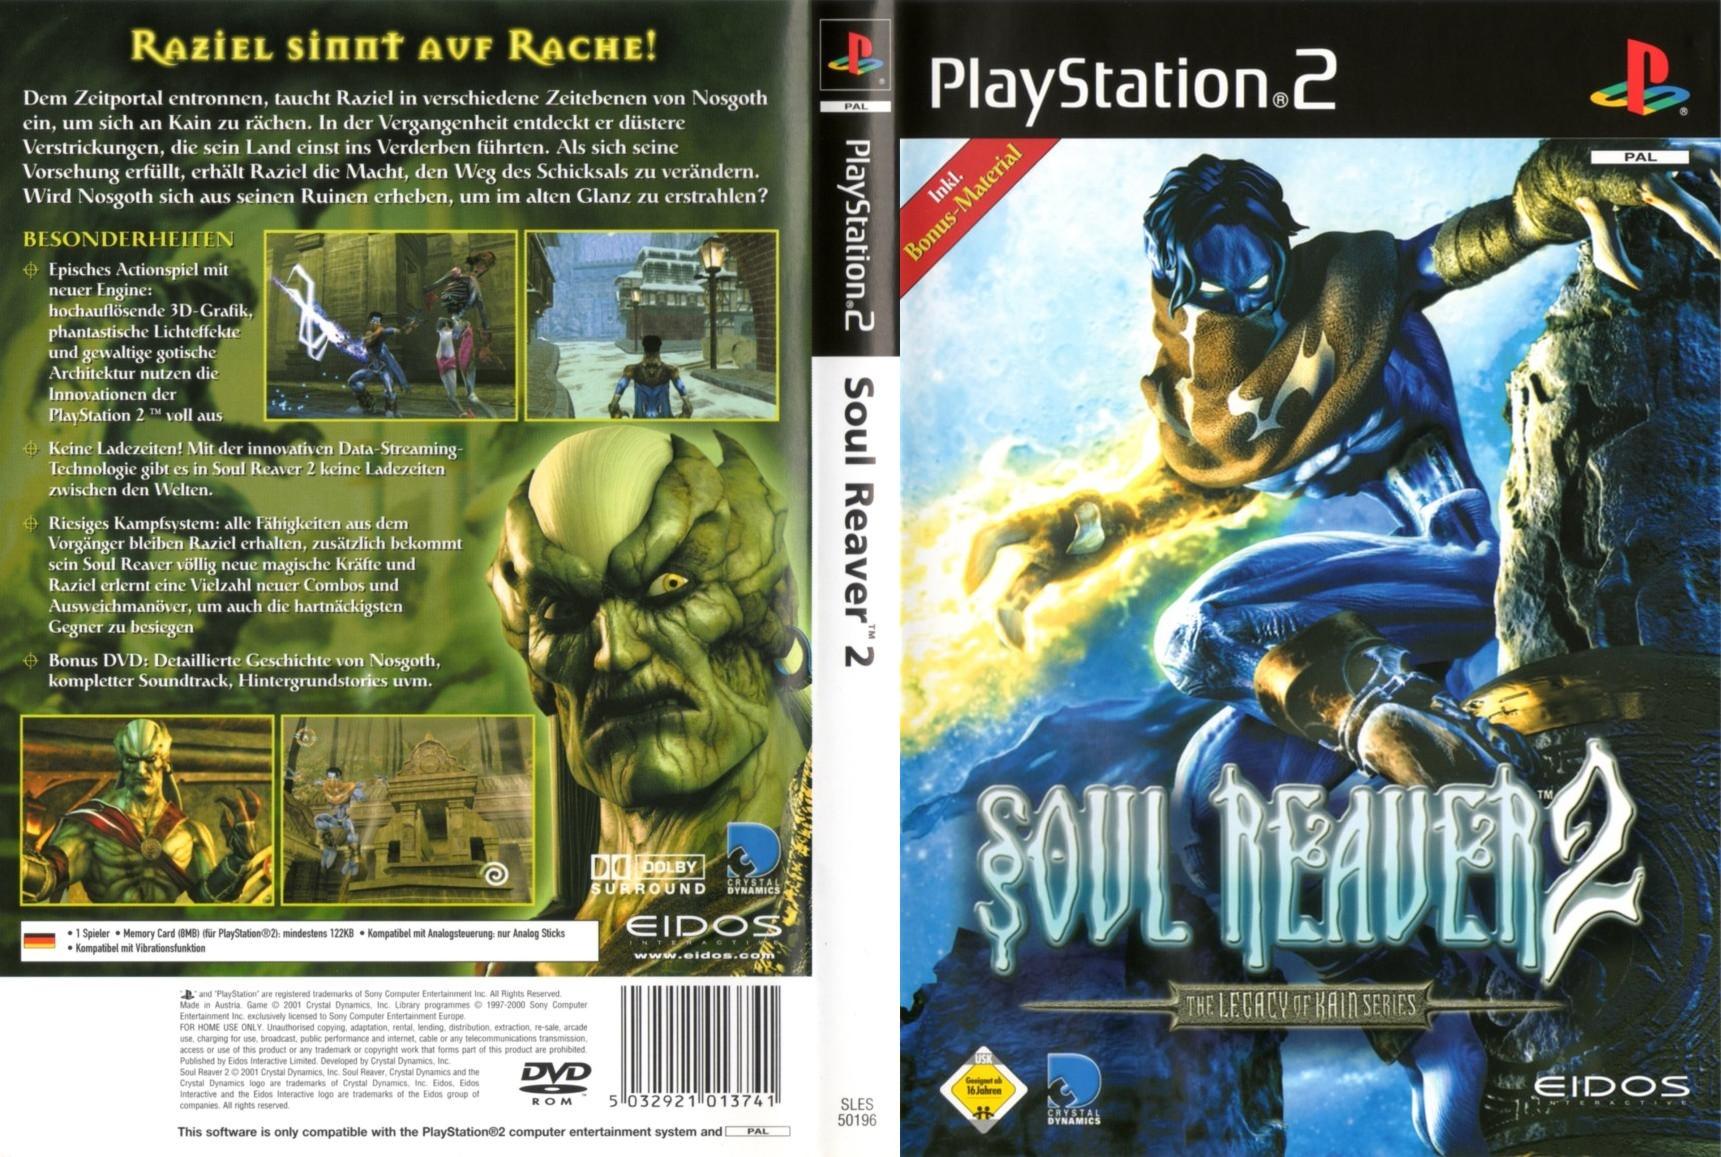 soul reaver 2 ps2 megaupload